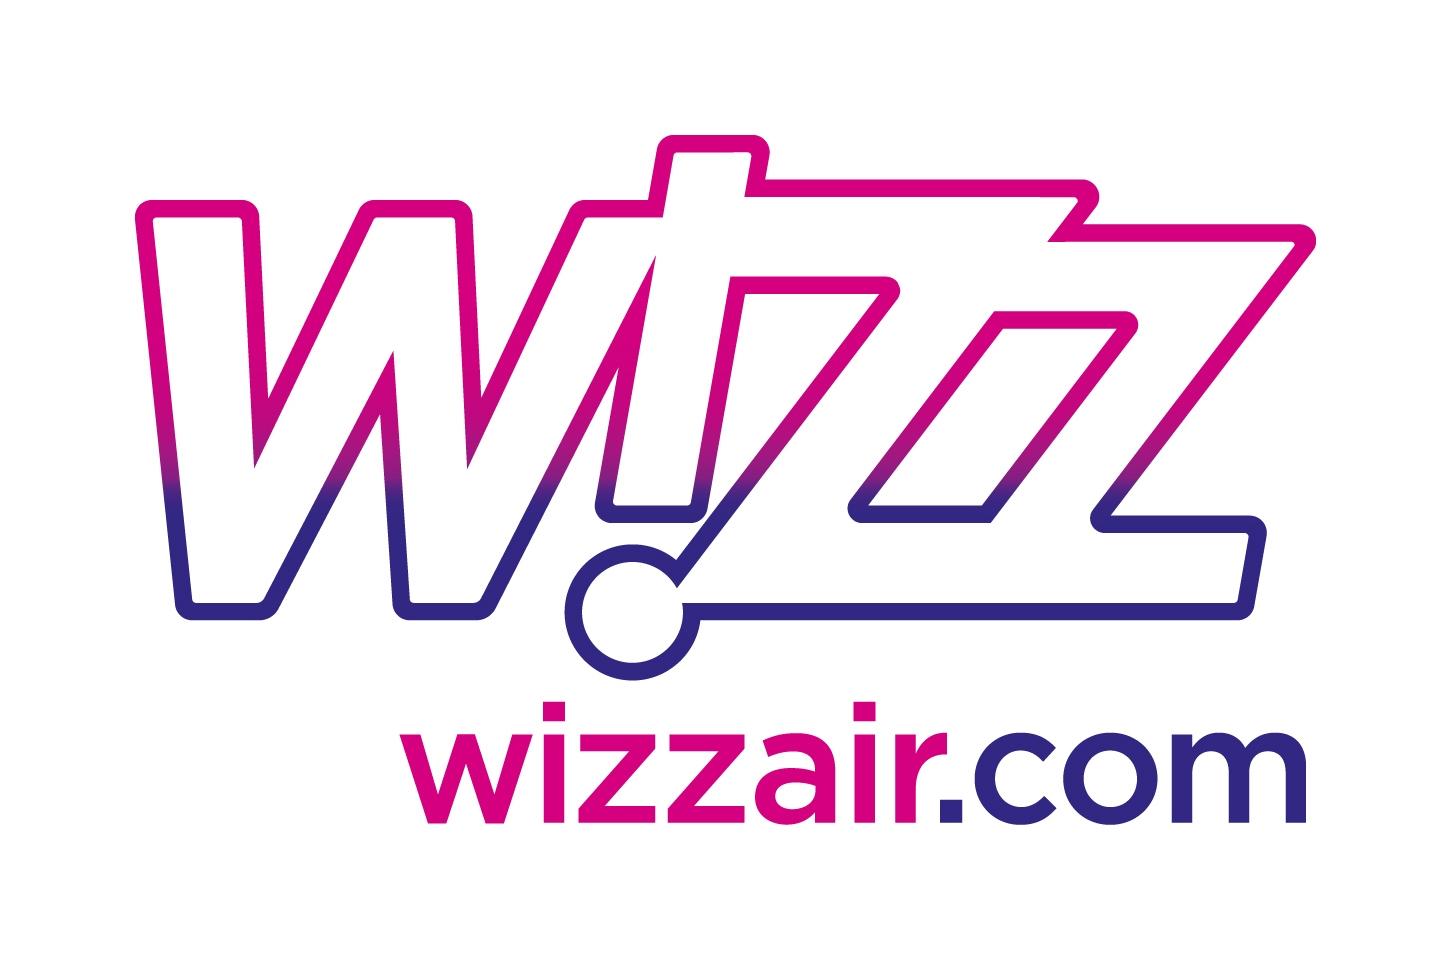 Wizz Air przedstawia największy w historii zimowy rozkład lotów.  Rozkład lotów na sezon zimowy z Polski dostępny od dziś dla członków WDC